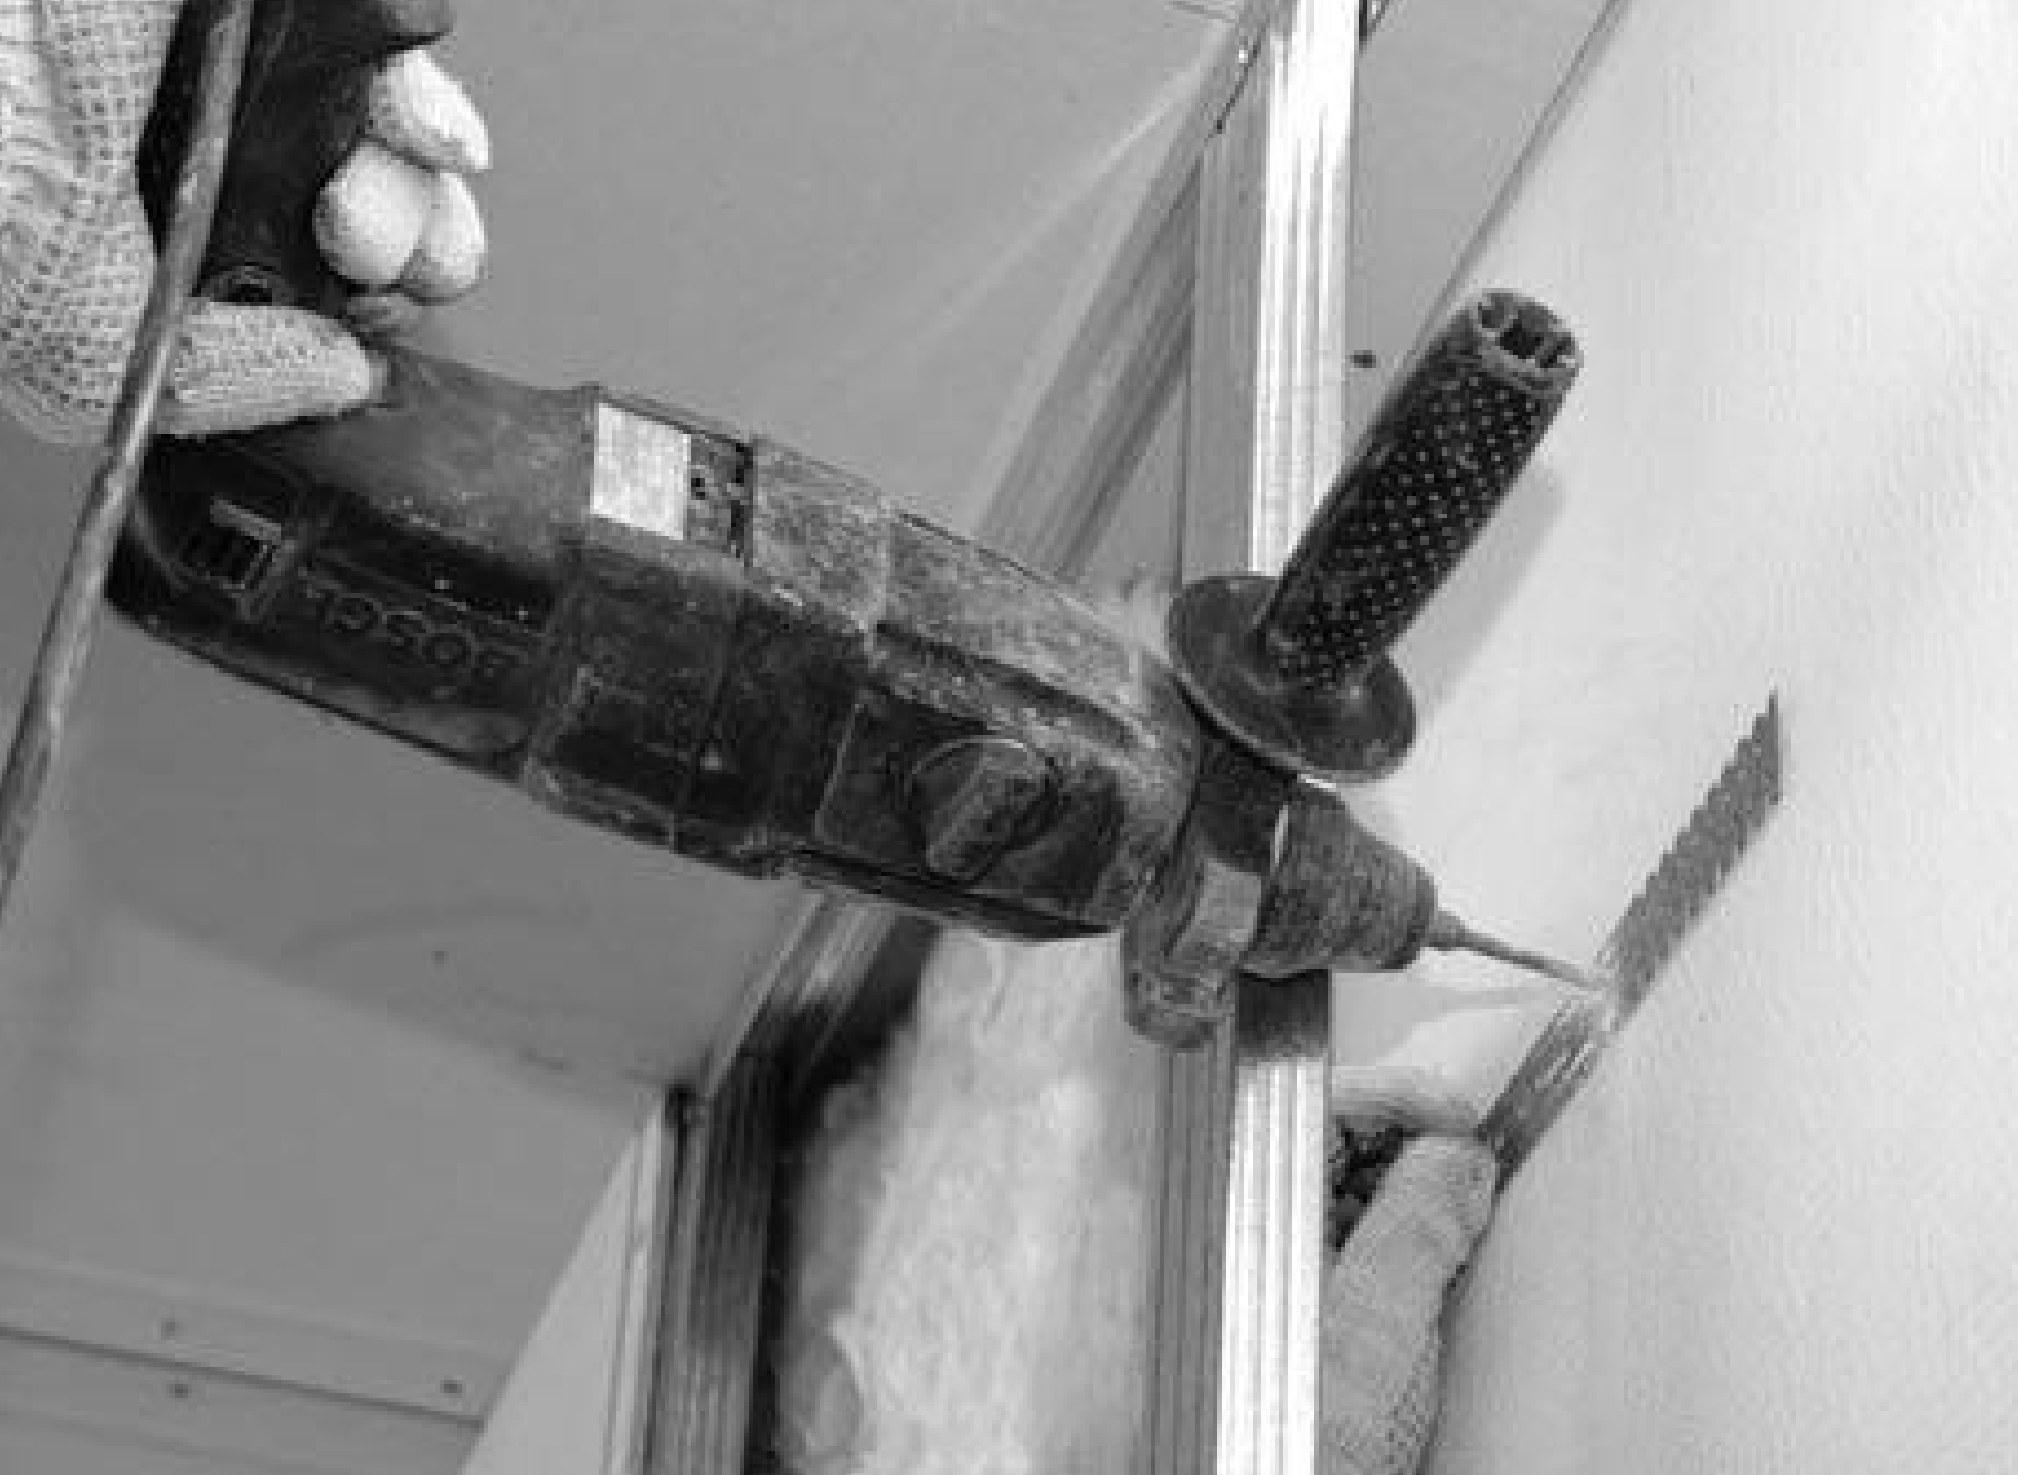 Обшивка балконных стен гипсокартоном